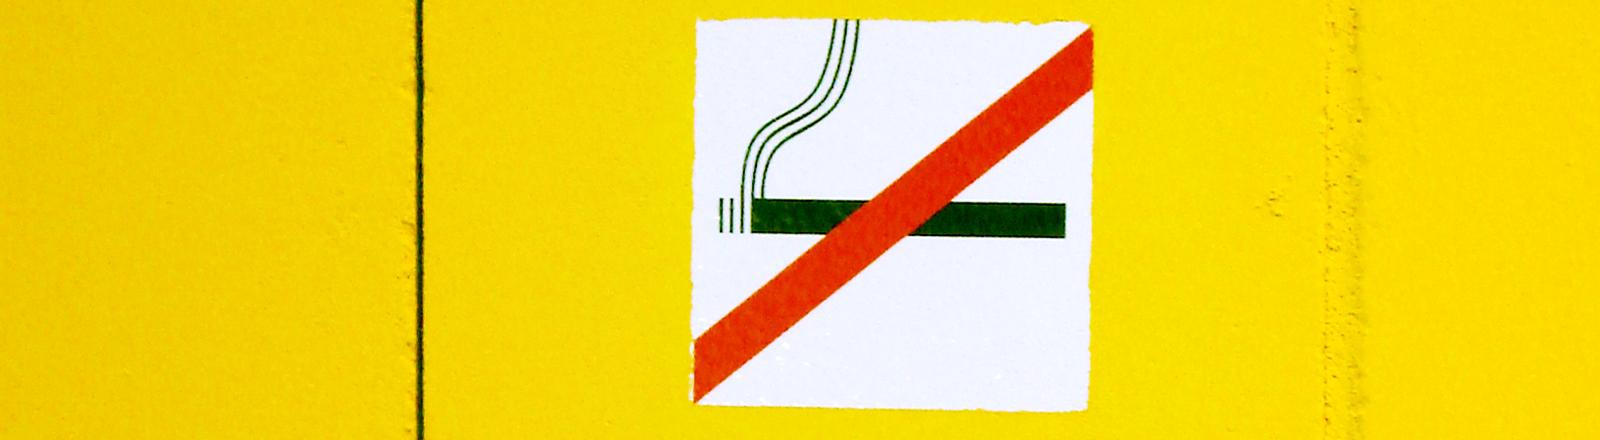 Ein Schild, dass auf das Rauchverbot hinweist.